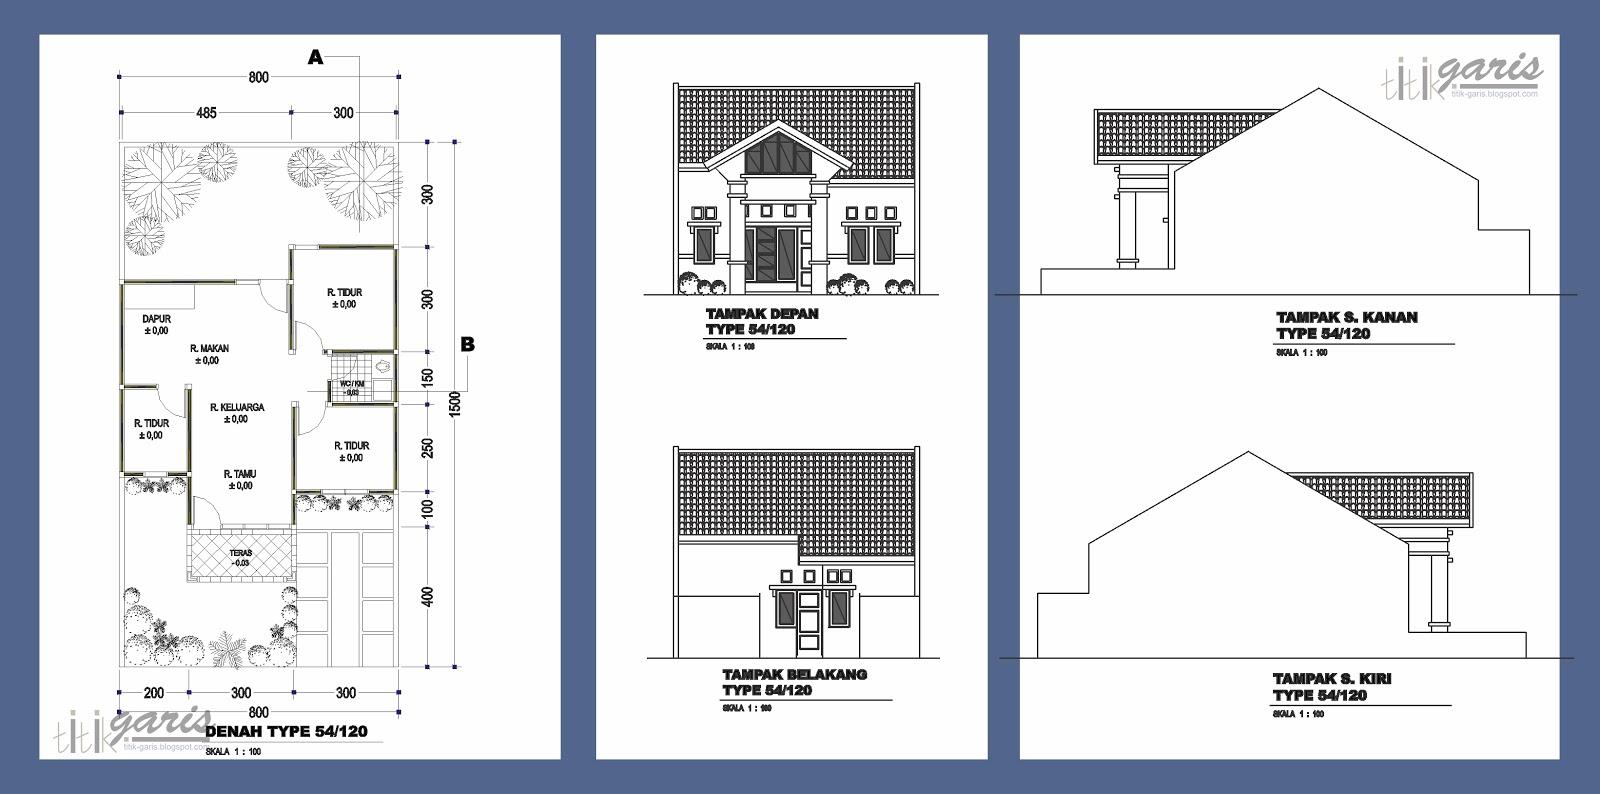 kumpulan gambar denah dan tampak berbagai macam tipe rumah  Rumah Garis